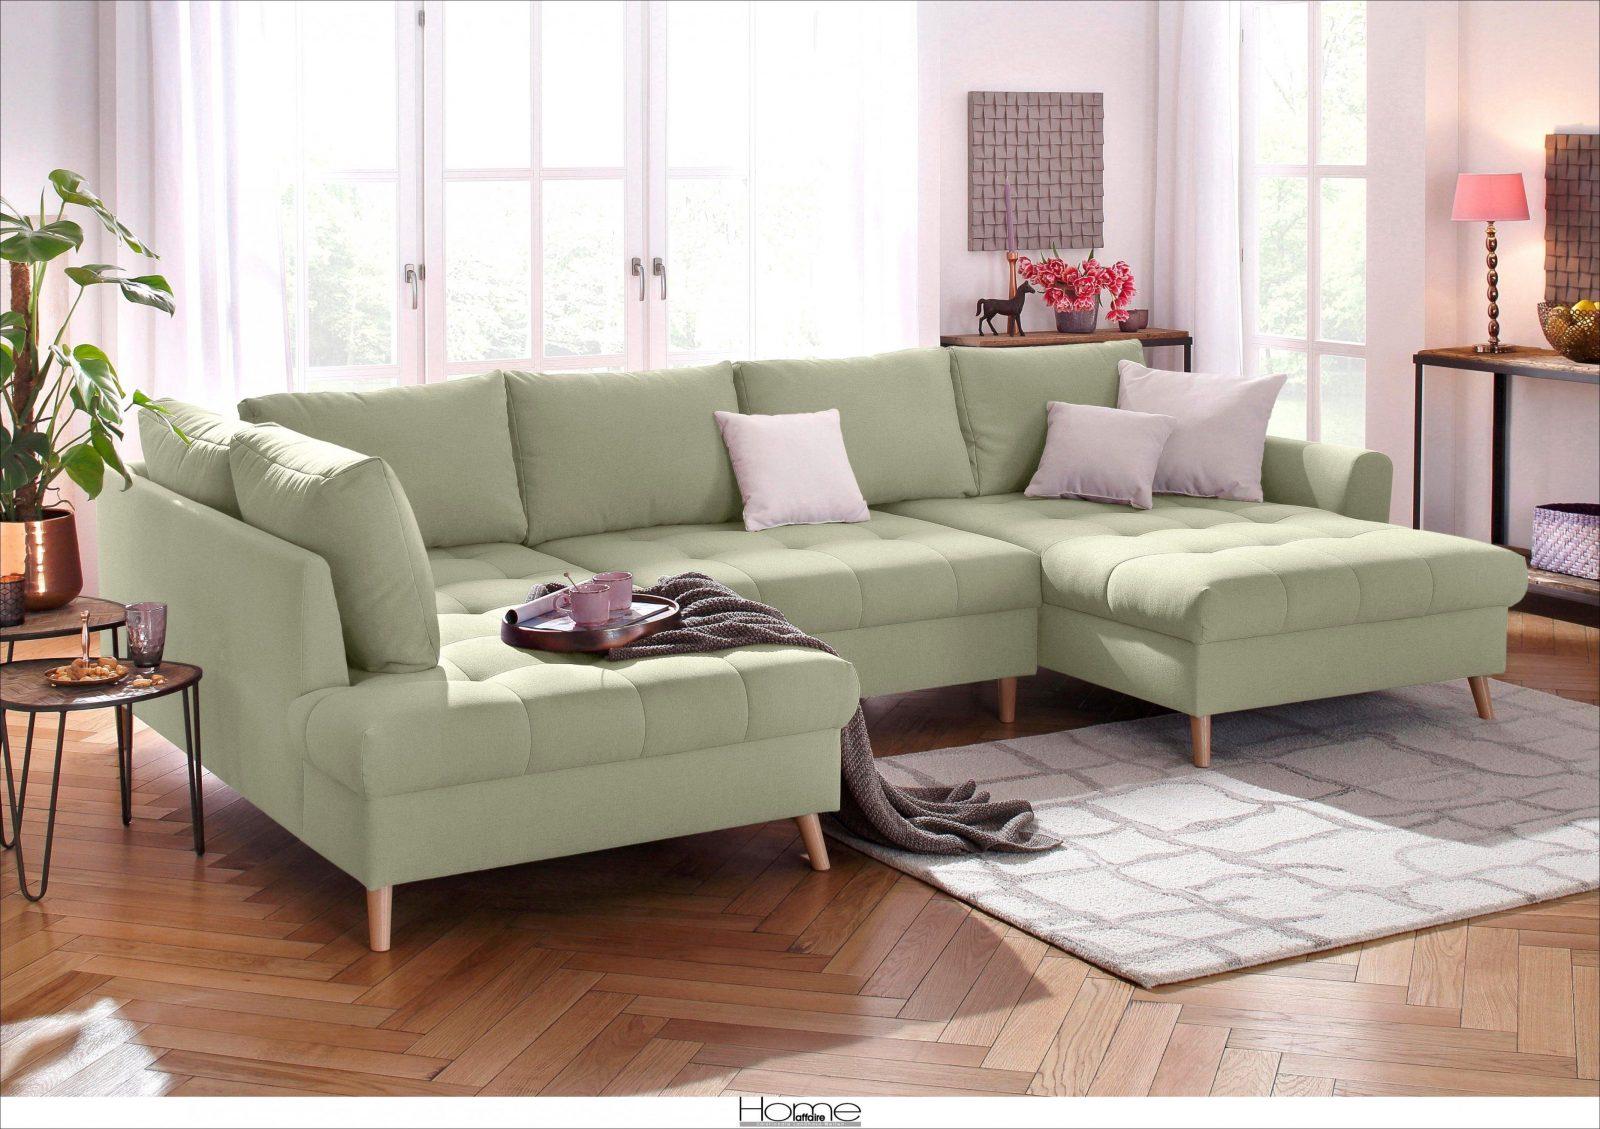 Atemberaubend Polstermöbel Landhausstil Kaufen Für Landhaus Couch von Landhaus Sofa Mit Schlaffunktion Photo